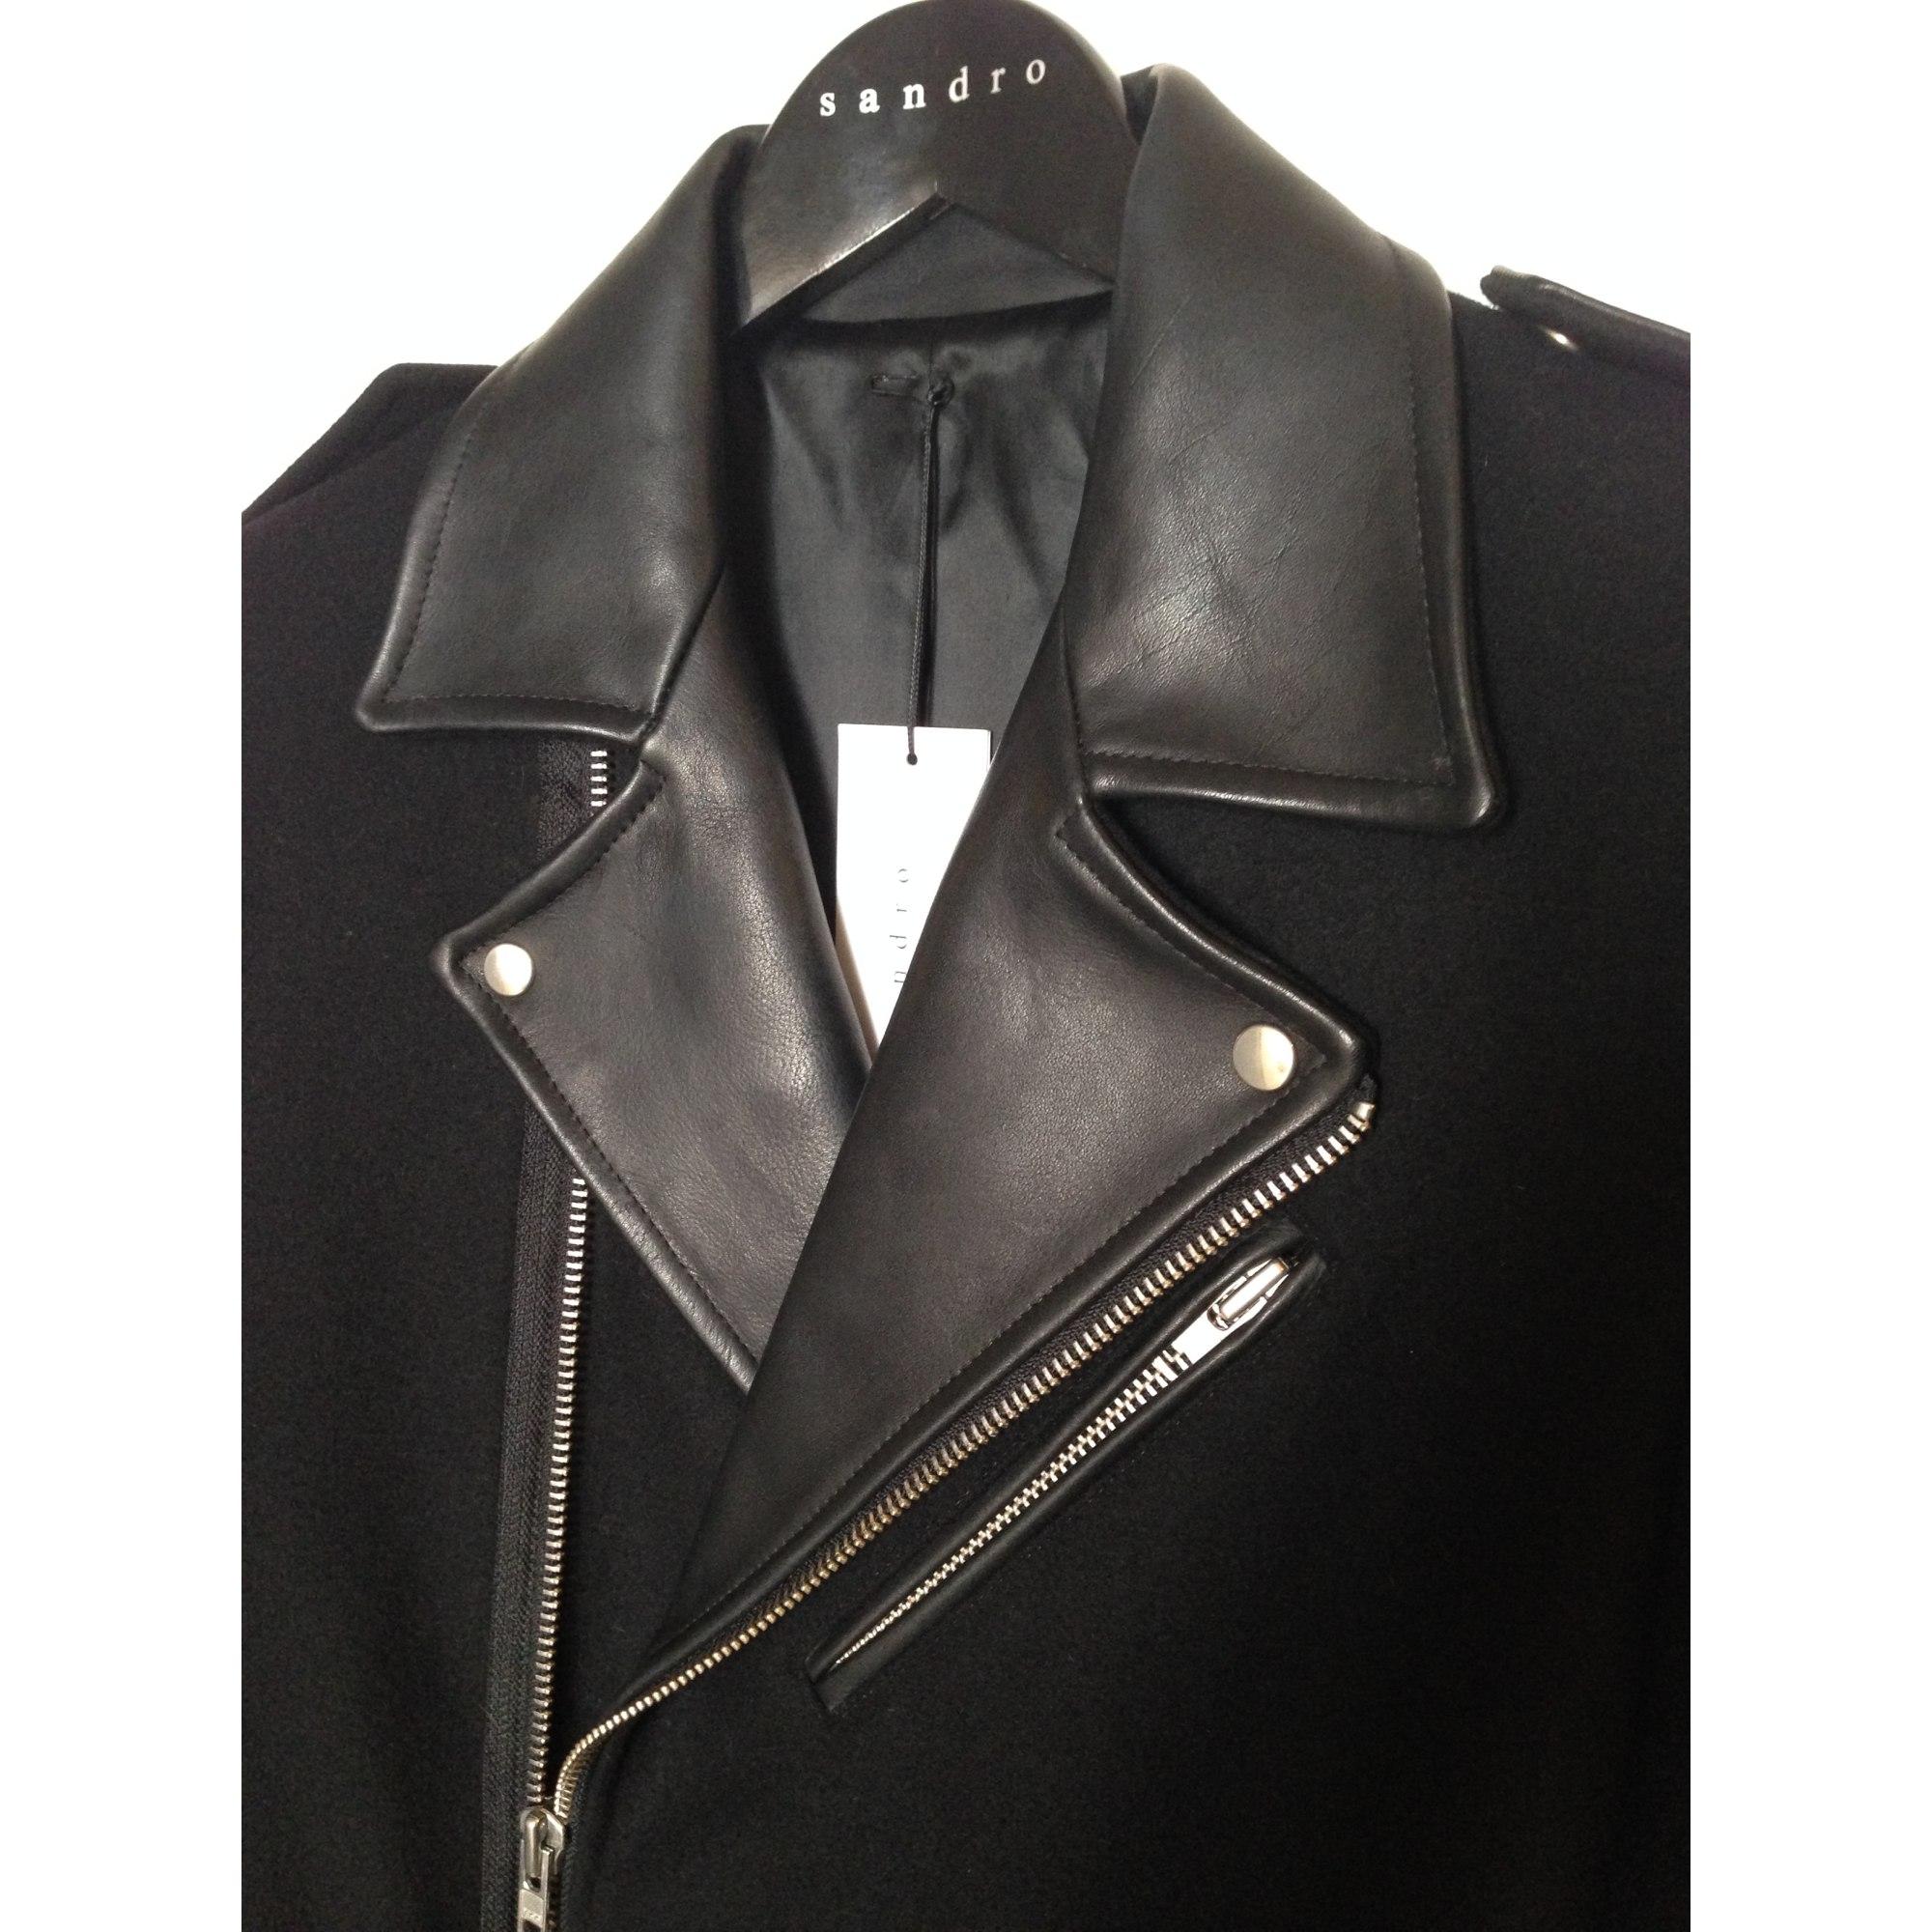 Manteau SANDRO 48 (M) noir vendu par Hody559803 - 1983345 22661f20119